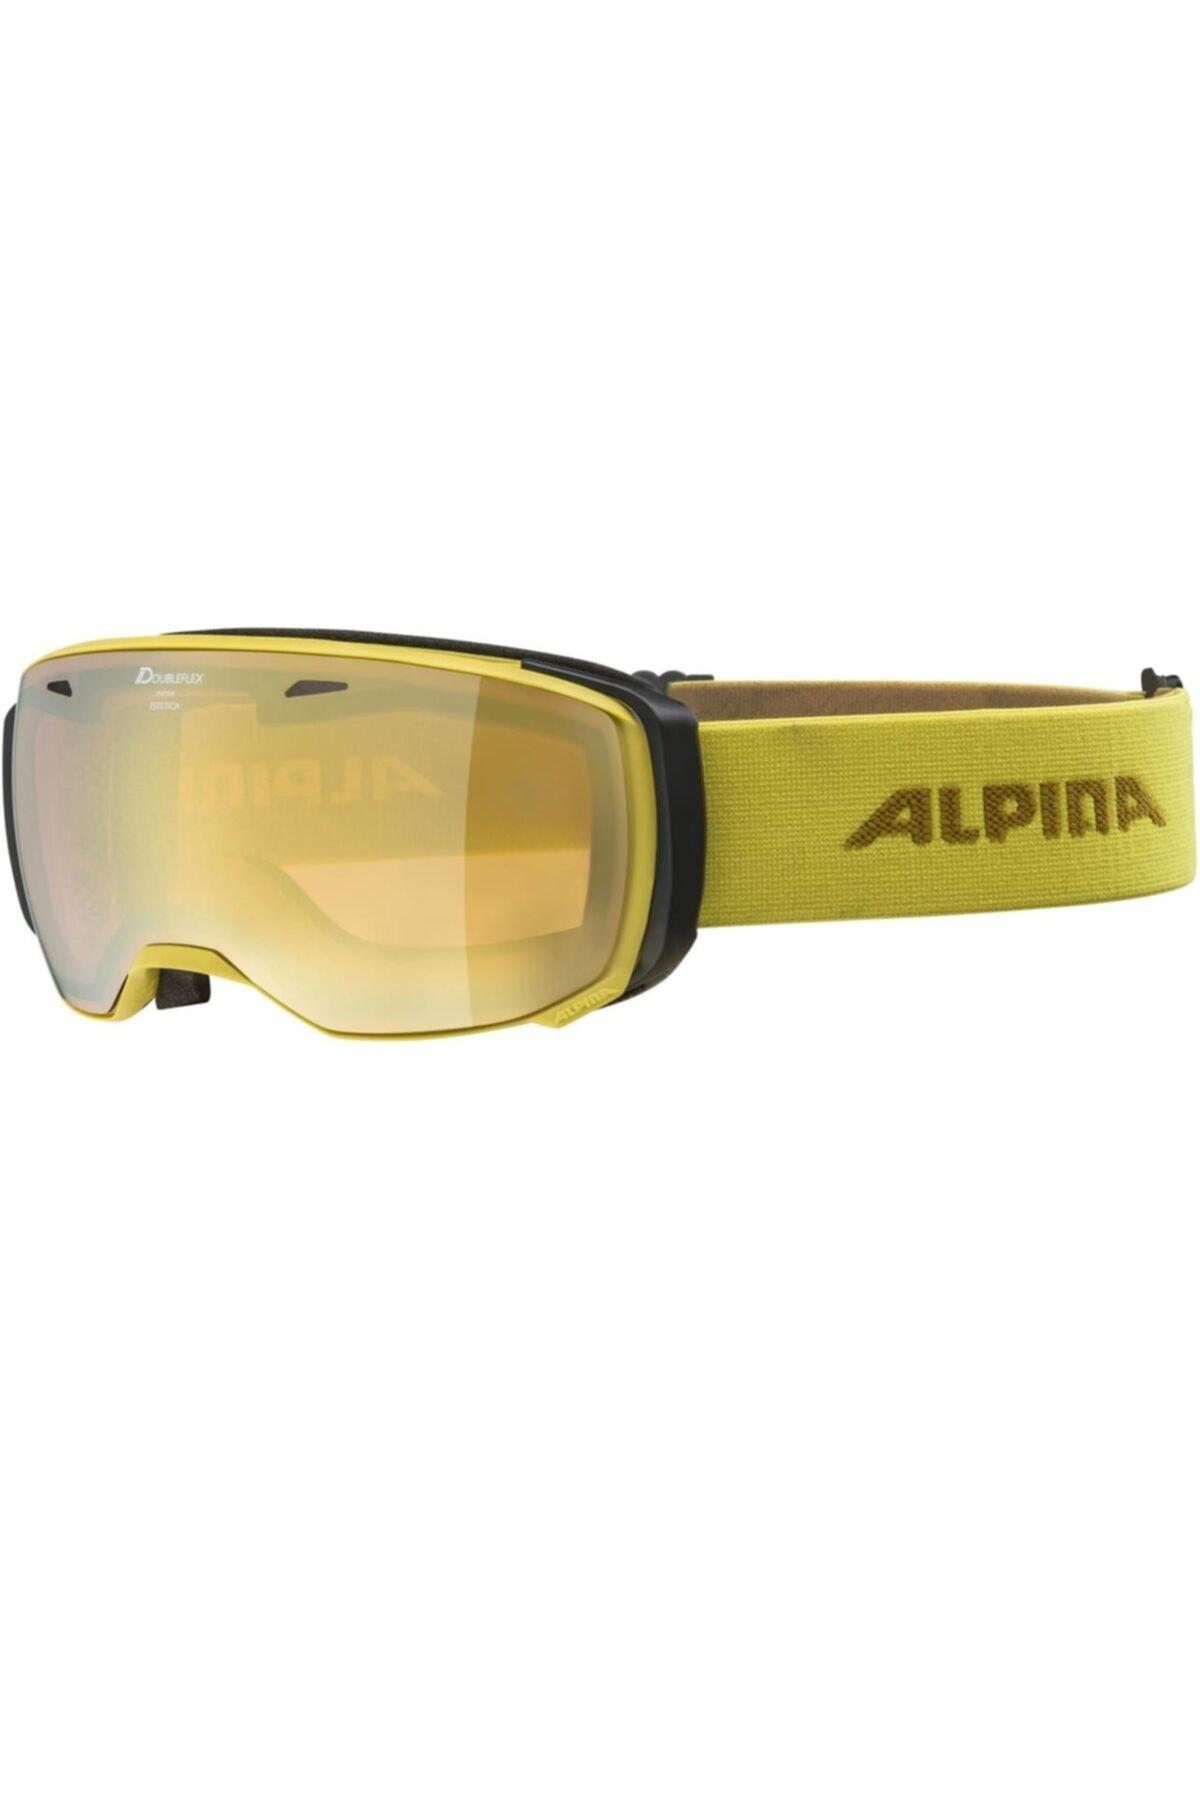 Alpina Estetica Doubleflex 1